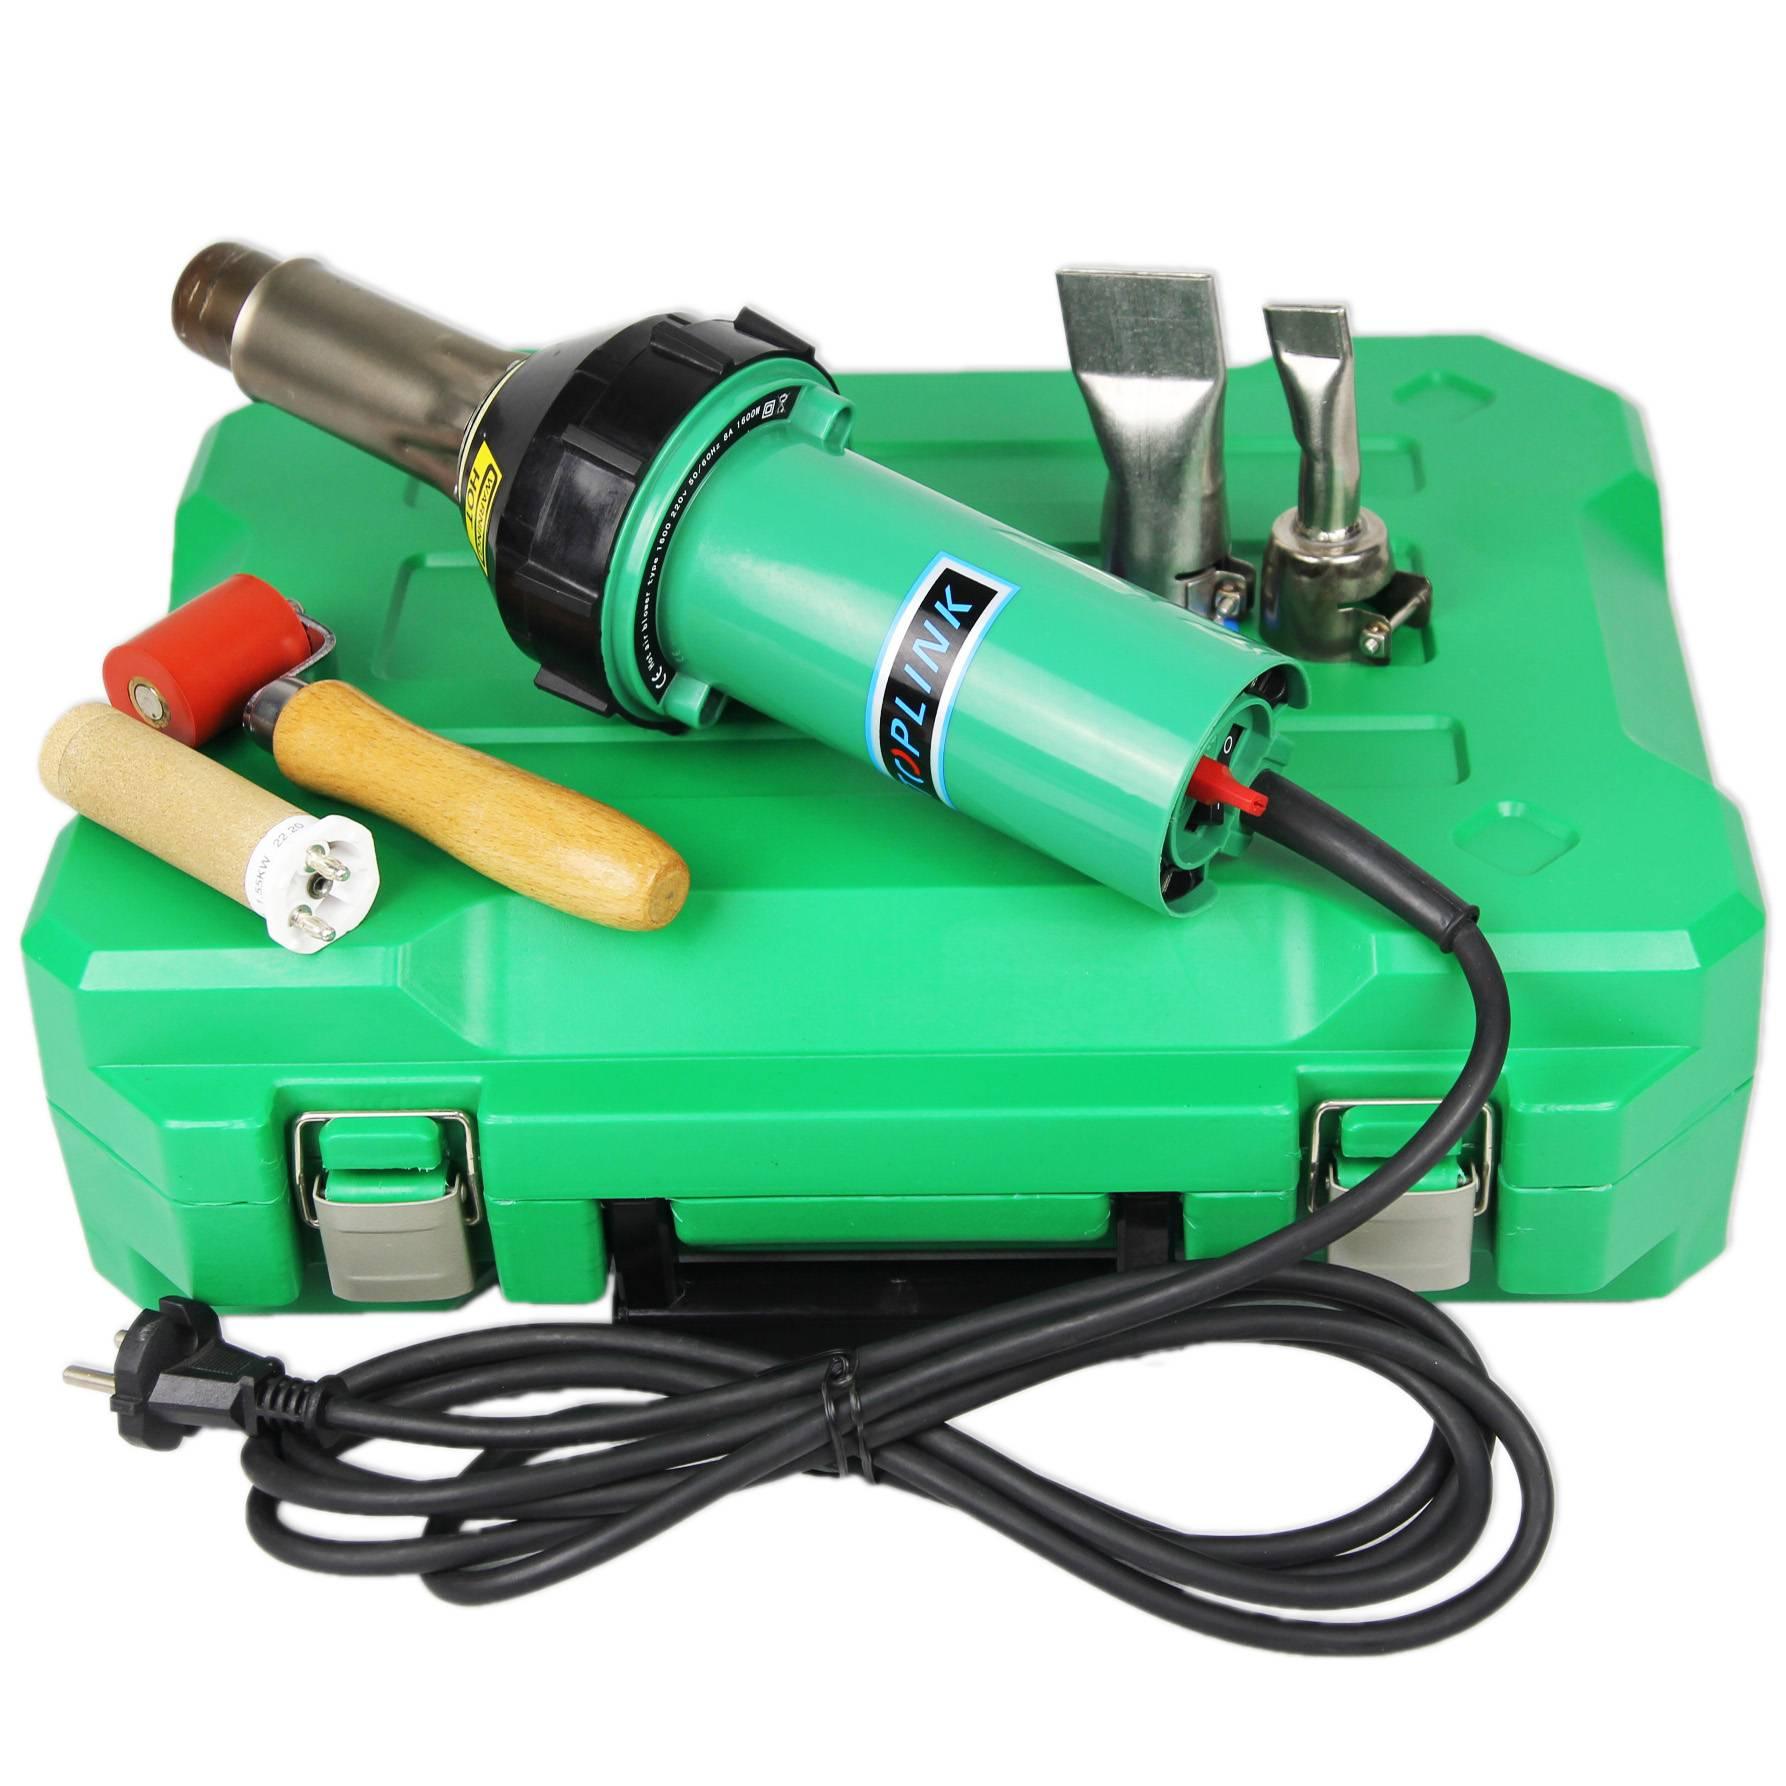 Hot air gun for PP/PE/PVC